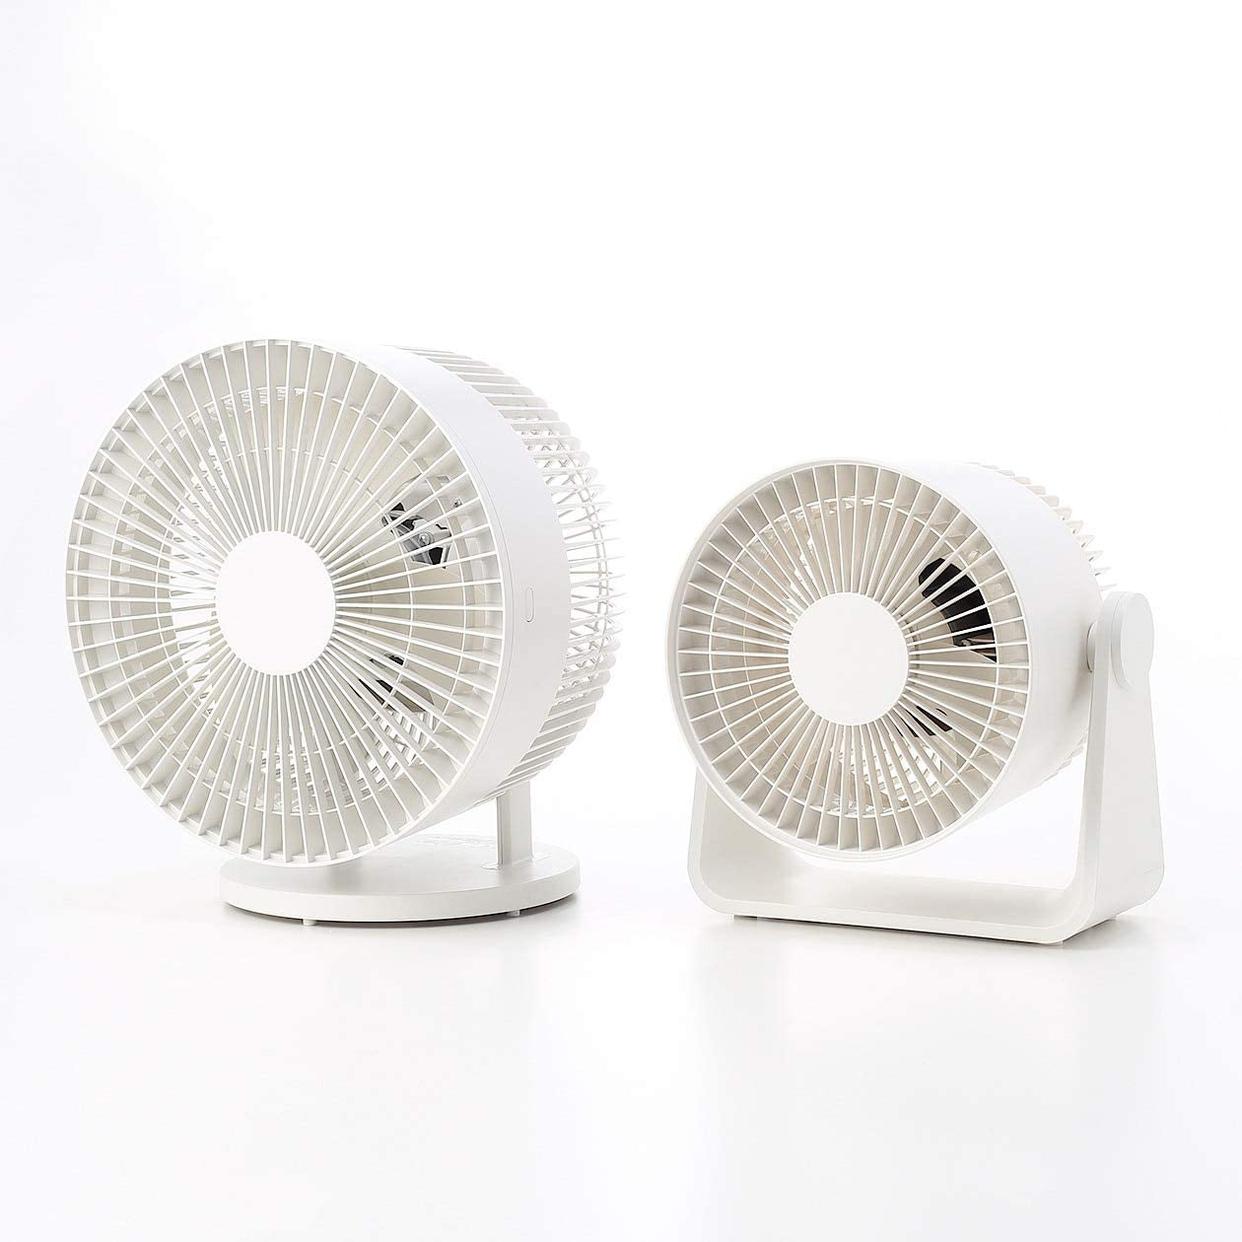 無印良品(MUJI) サーキュレーター(低騒音ファン・大風量タイプ) AT-CF26R-Wの商品画像14